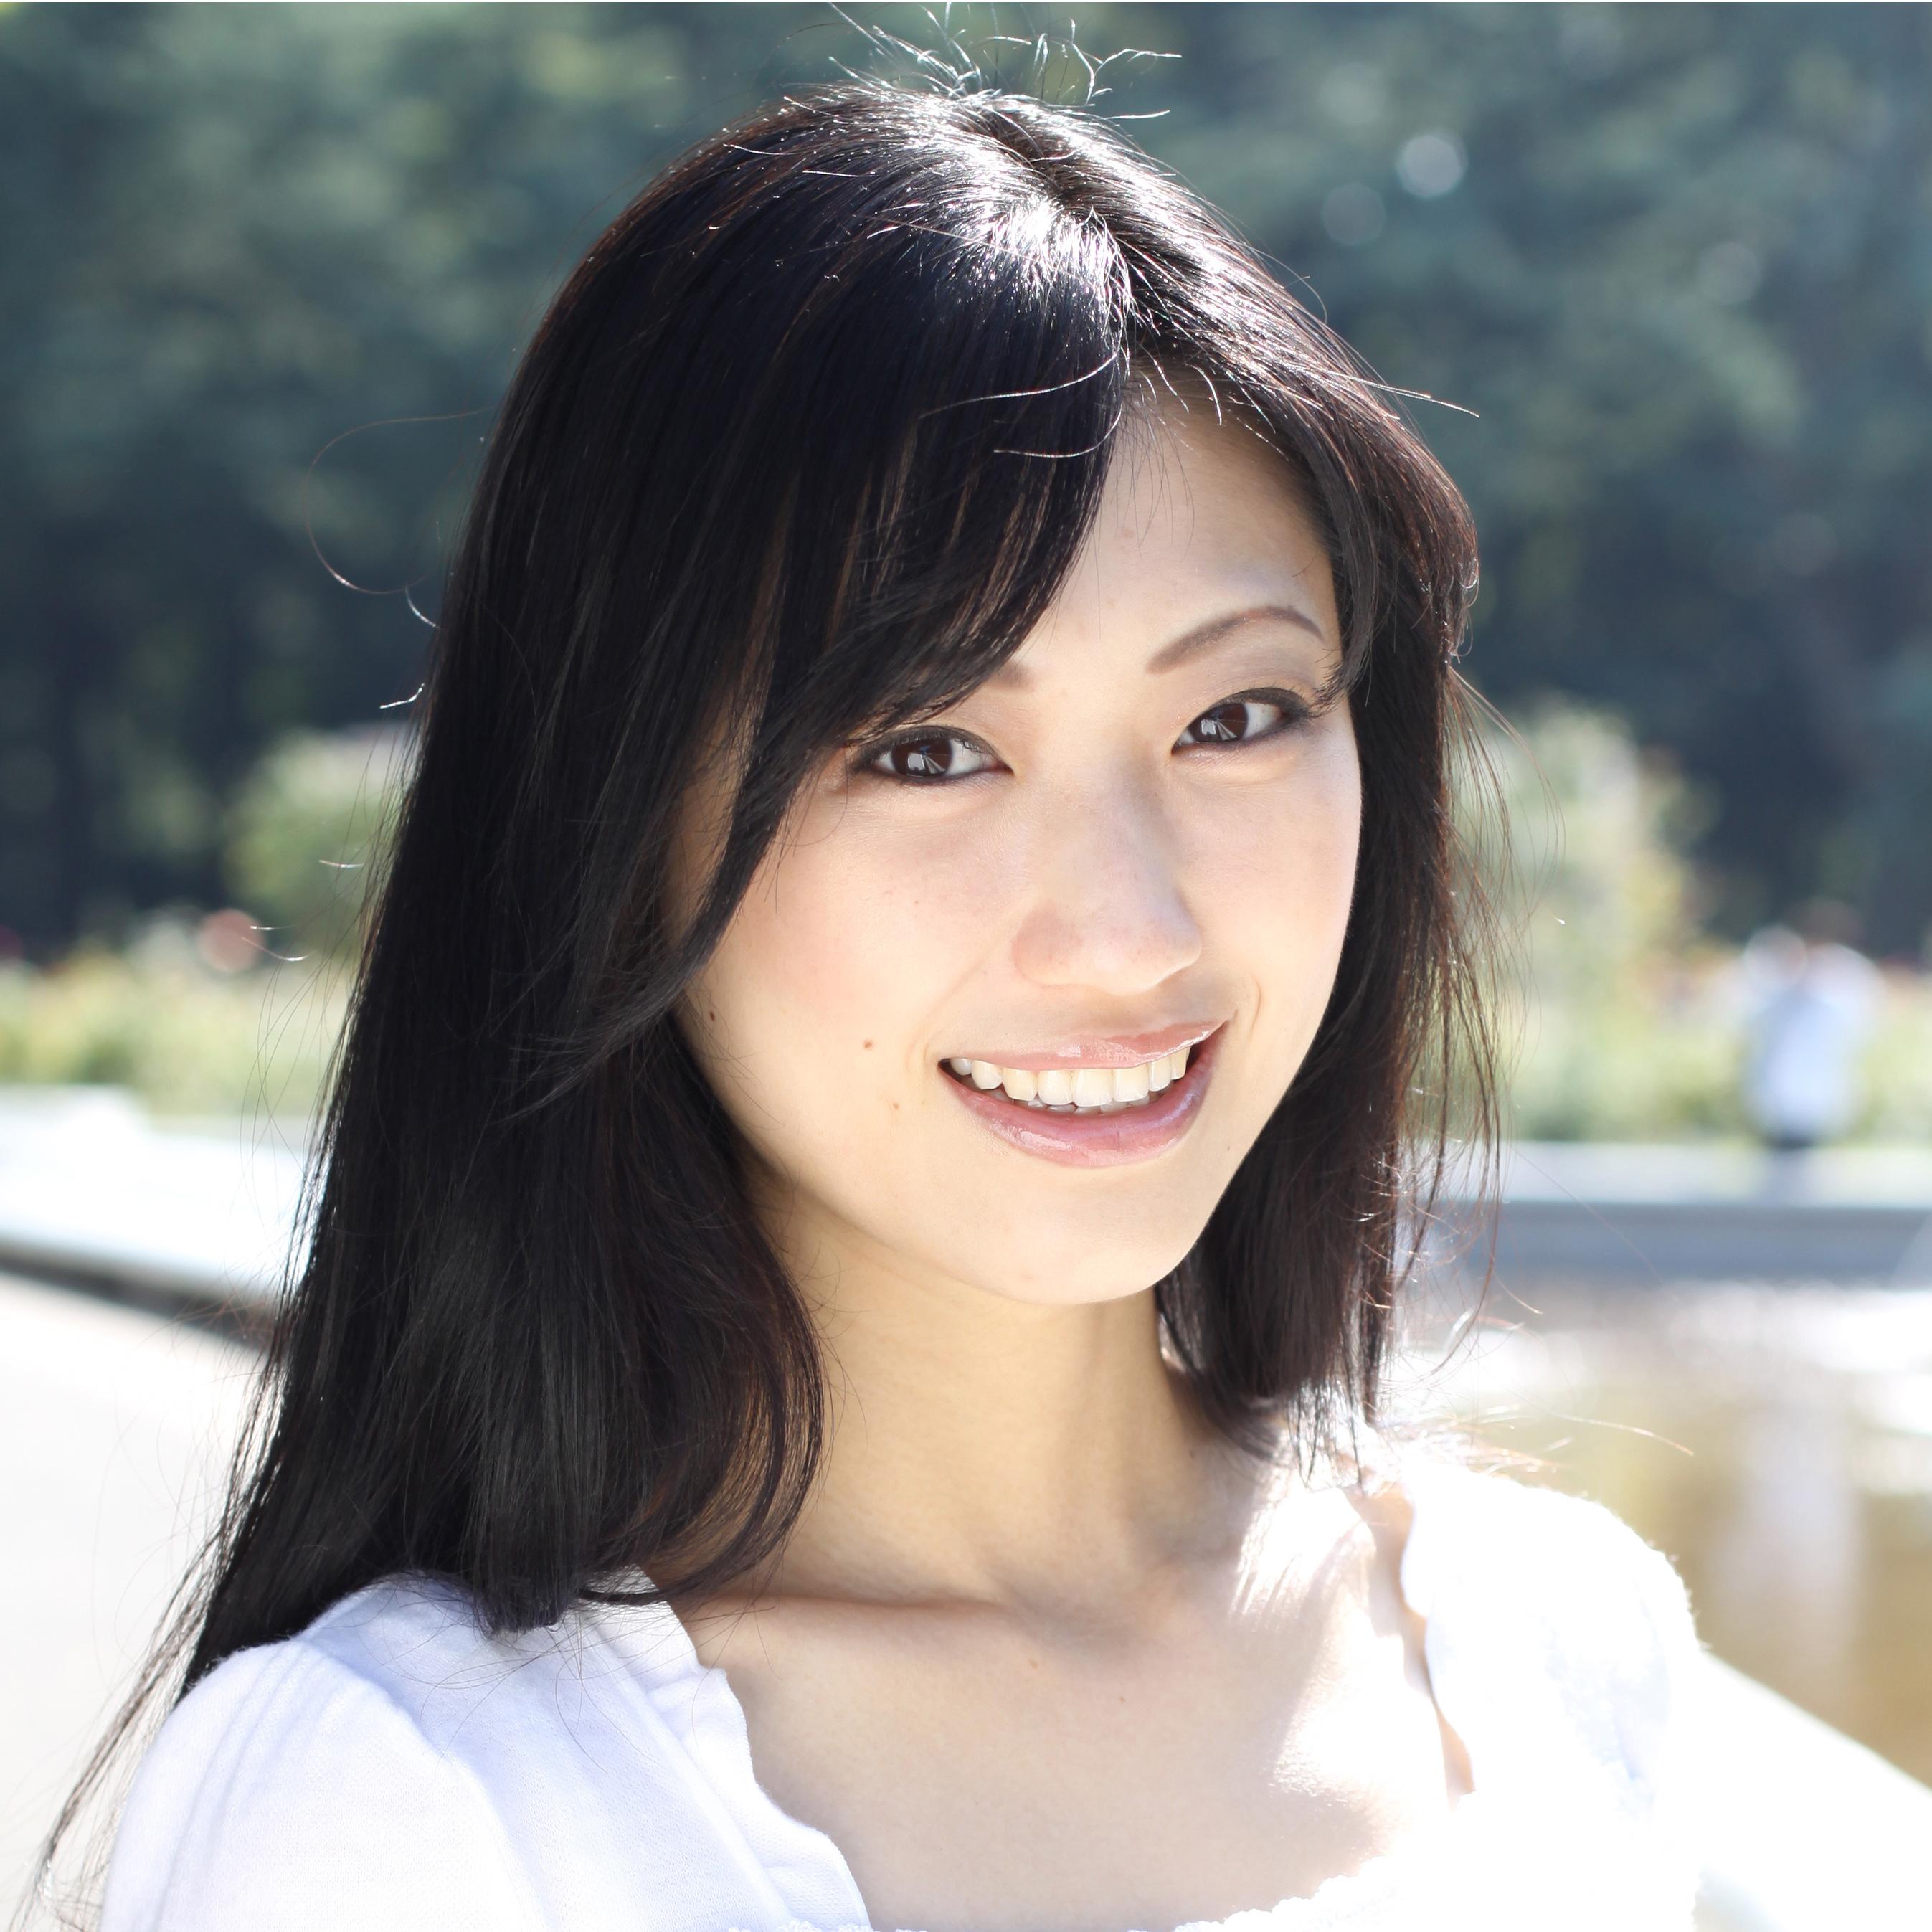 今大人気の壇蜜さん!そんな壇蜜さんの色気たっぷりメイクを紹介!のサムネイル画像